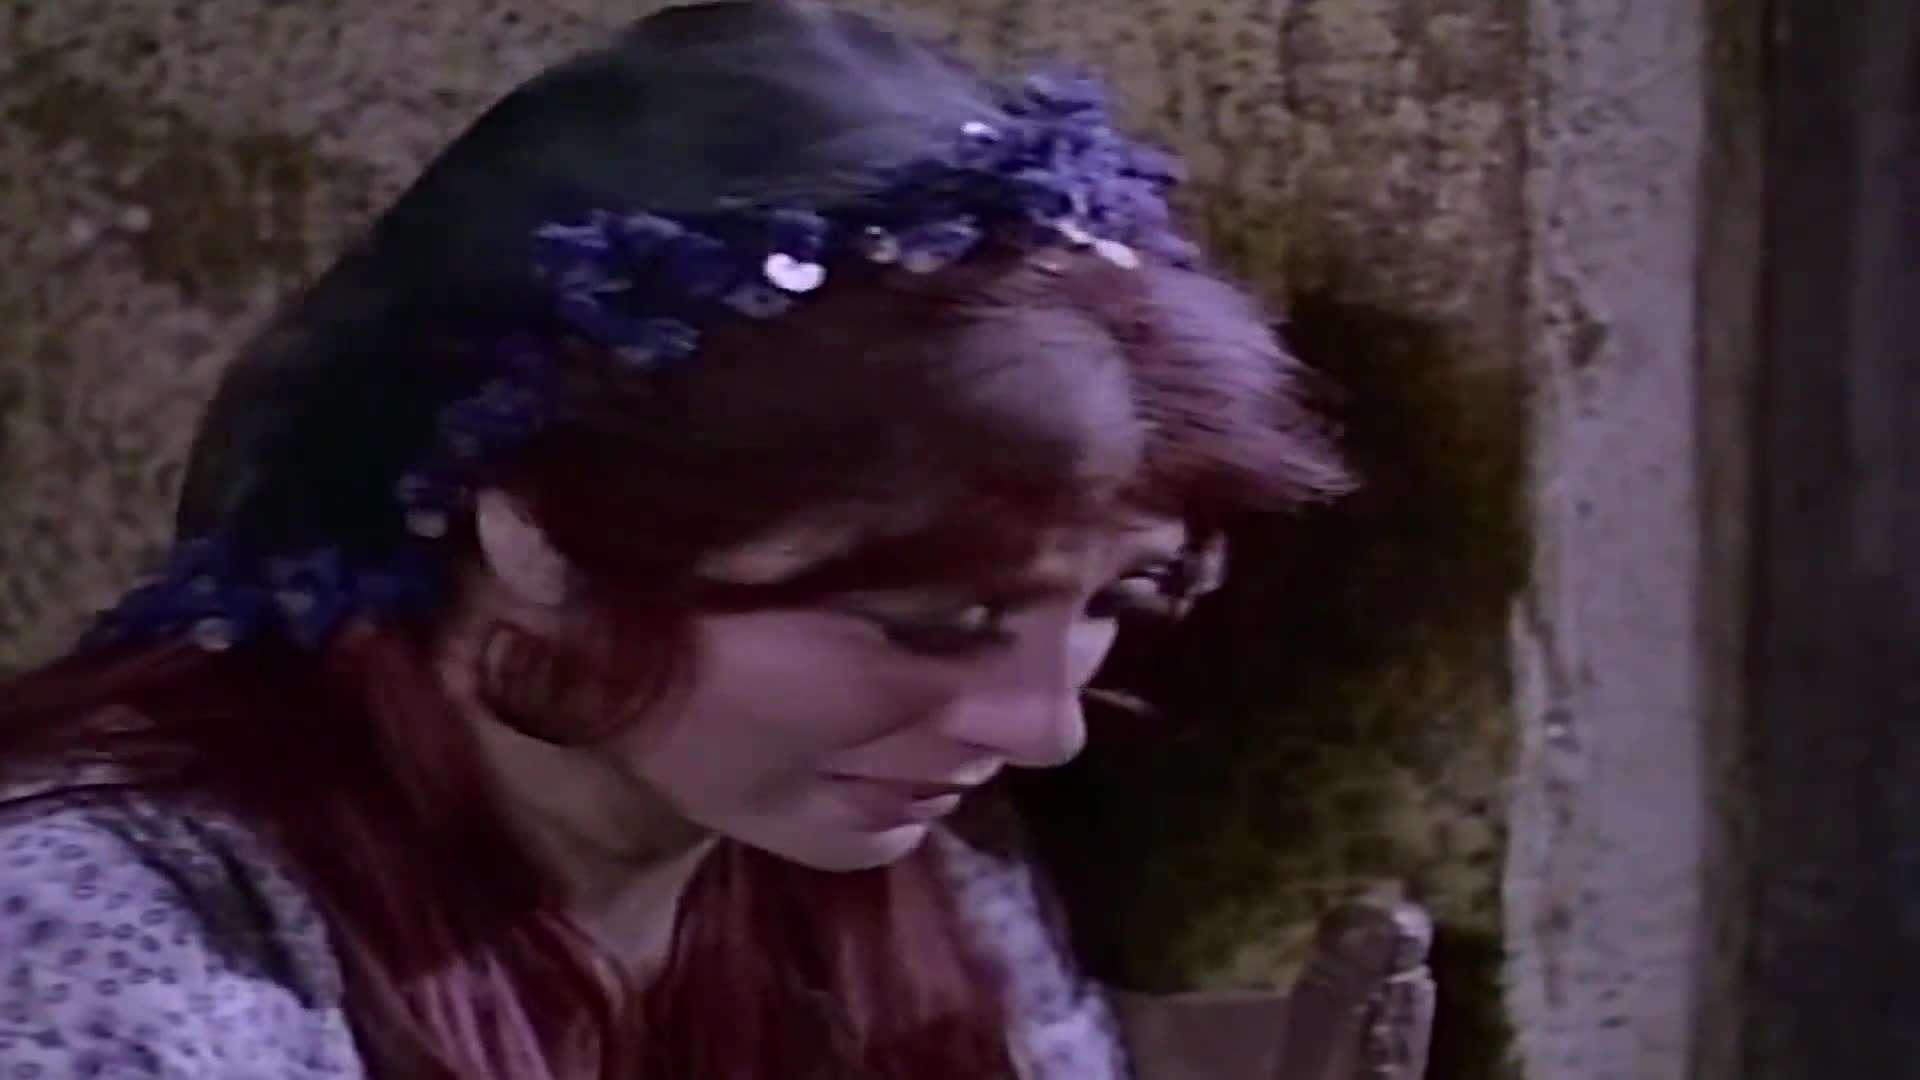 [فيلم][تورنت][تحميل][الشيطان يعظ][1981][1080p][Web-DL] 12 arabp2p.com